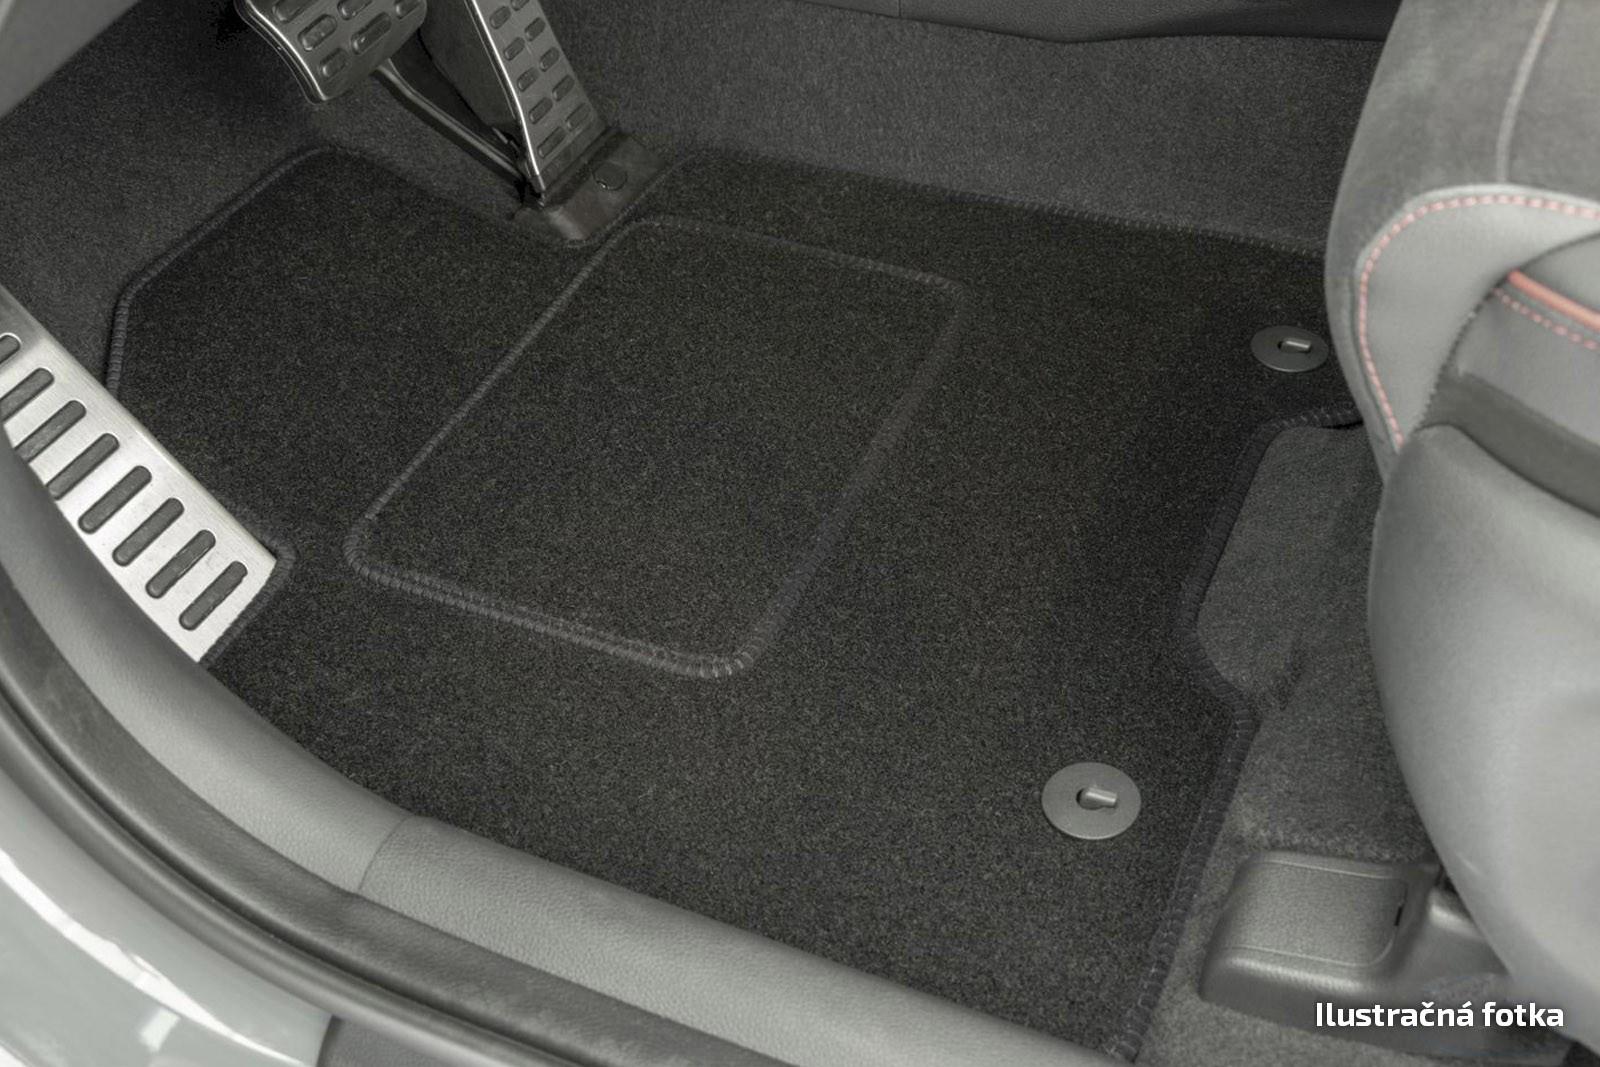 Poza cu Covorase din velur, Hyundai Getz, 2002-2011